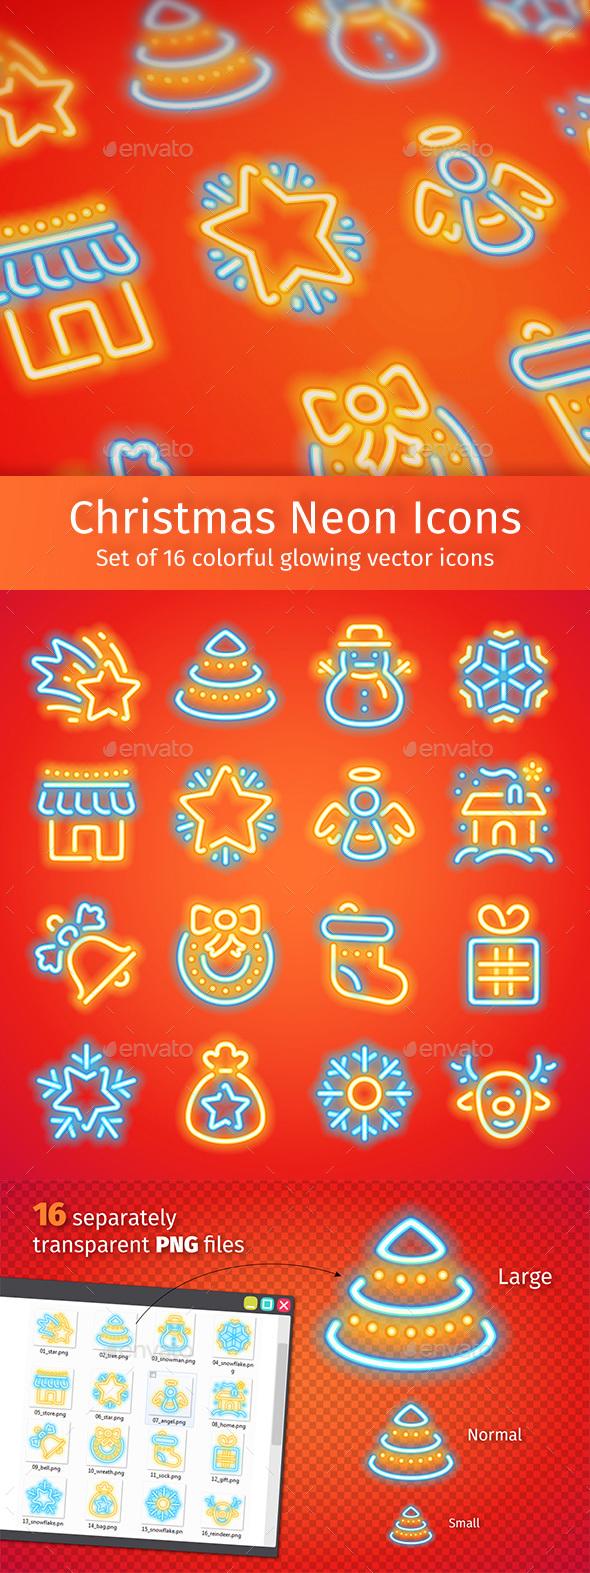 Christmas Neon Icons - Seasonal Icons